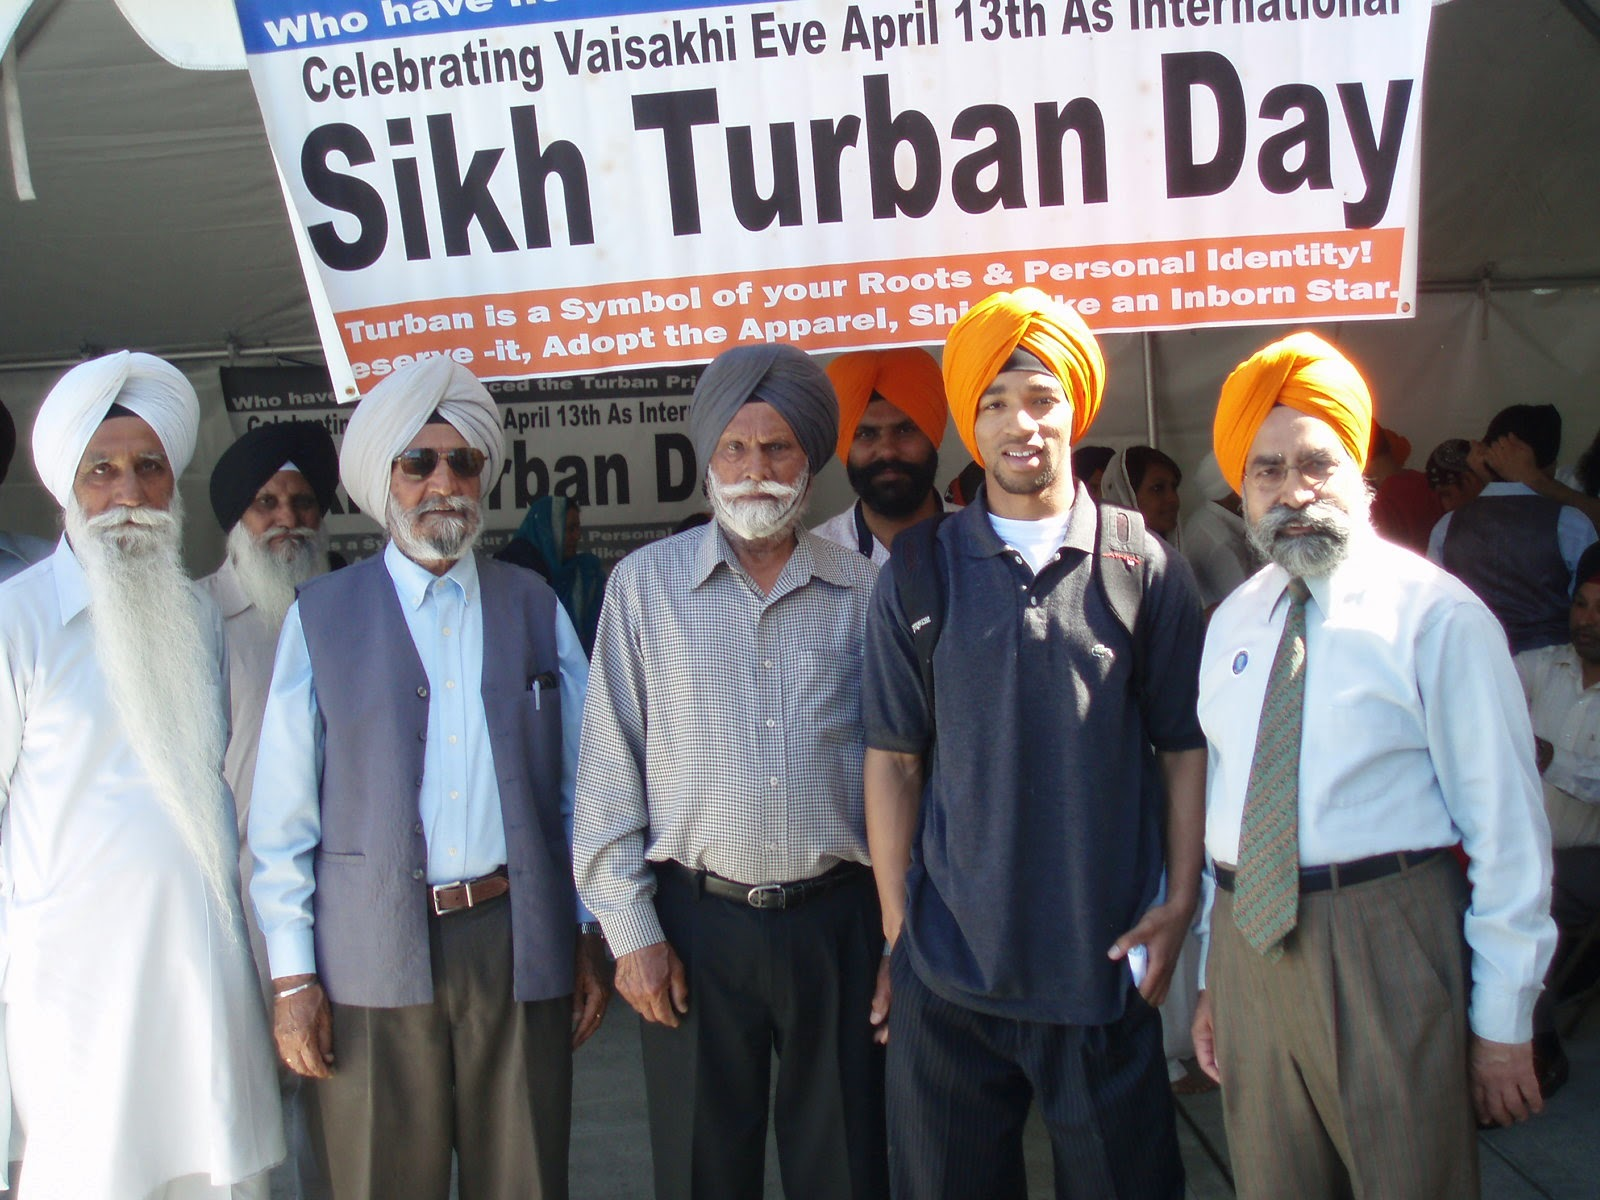 Ilustração: Turbante Sikh